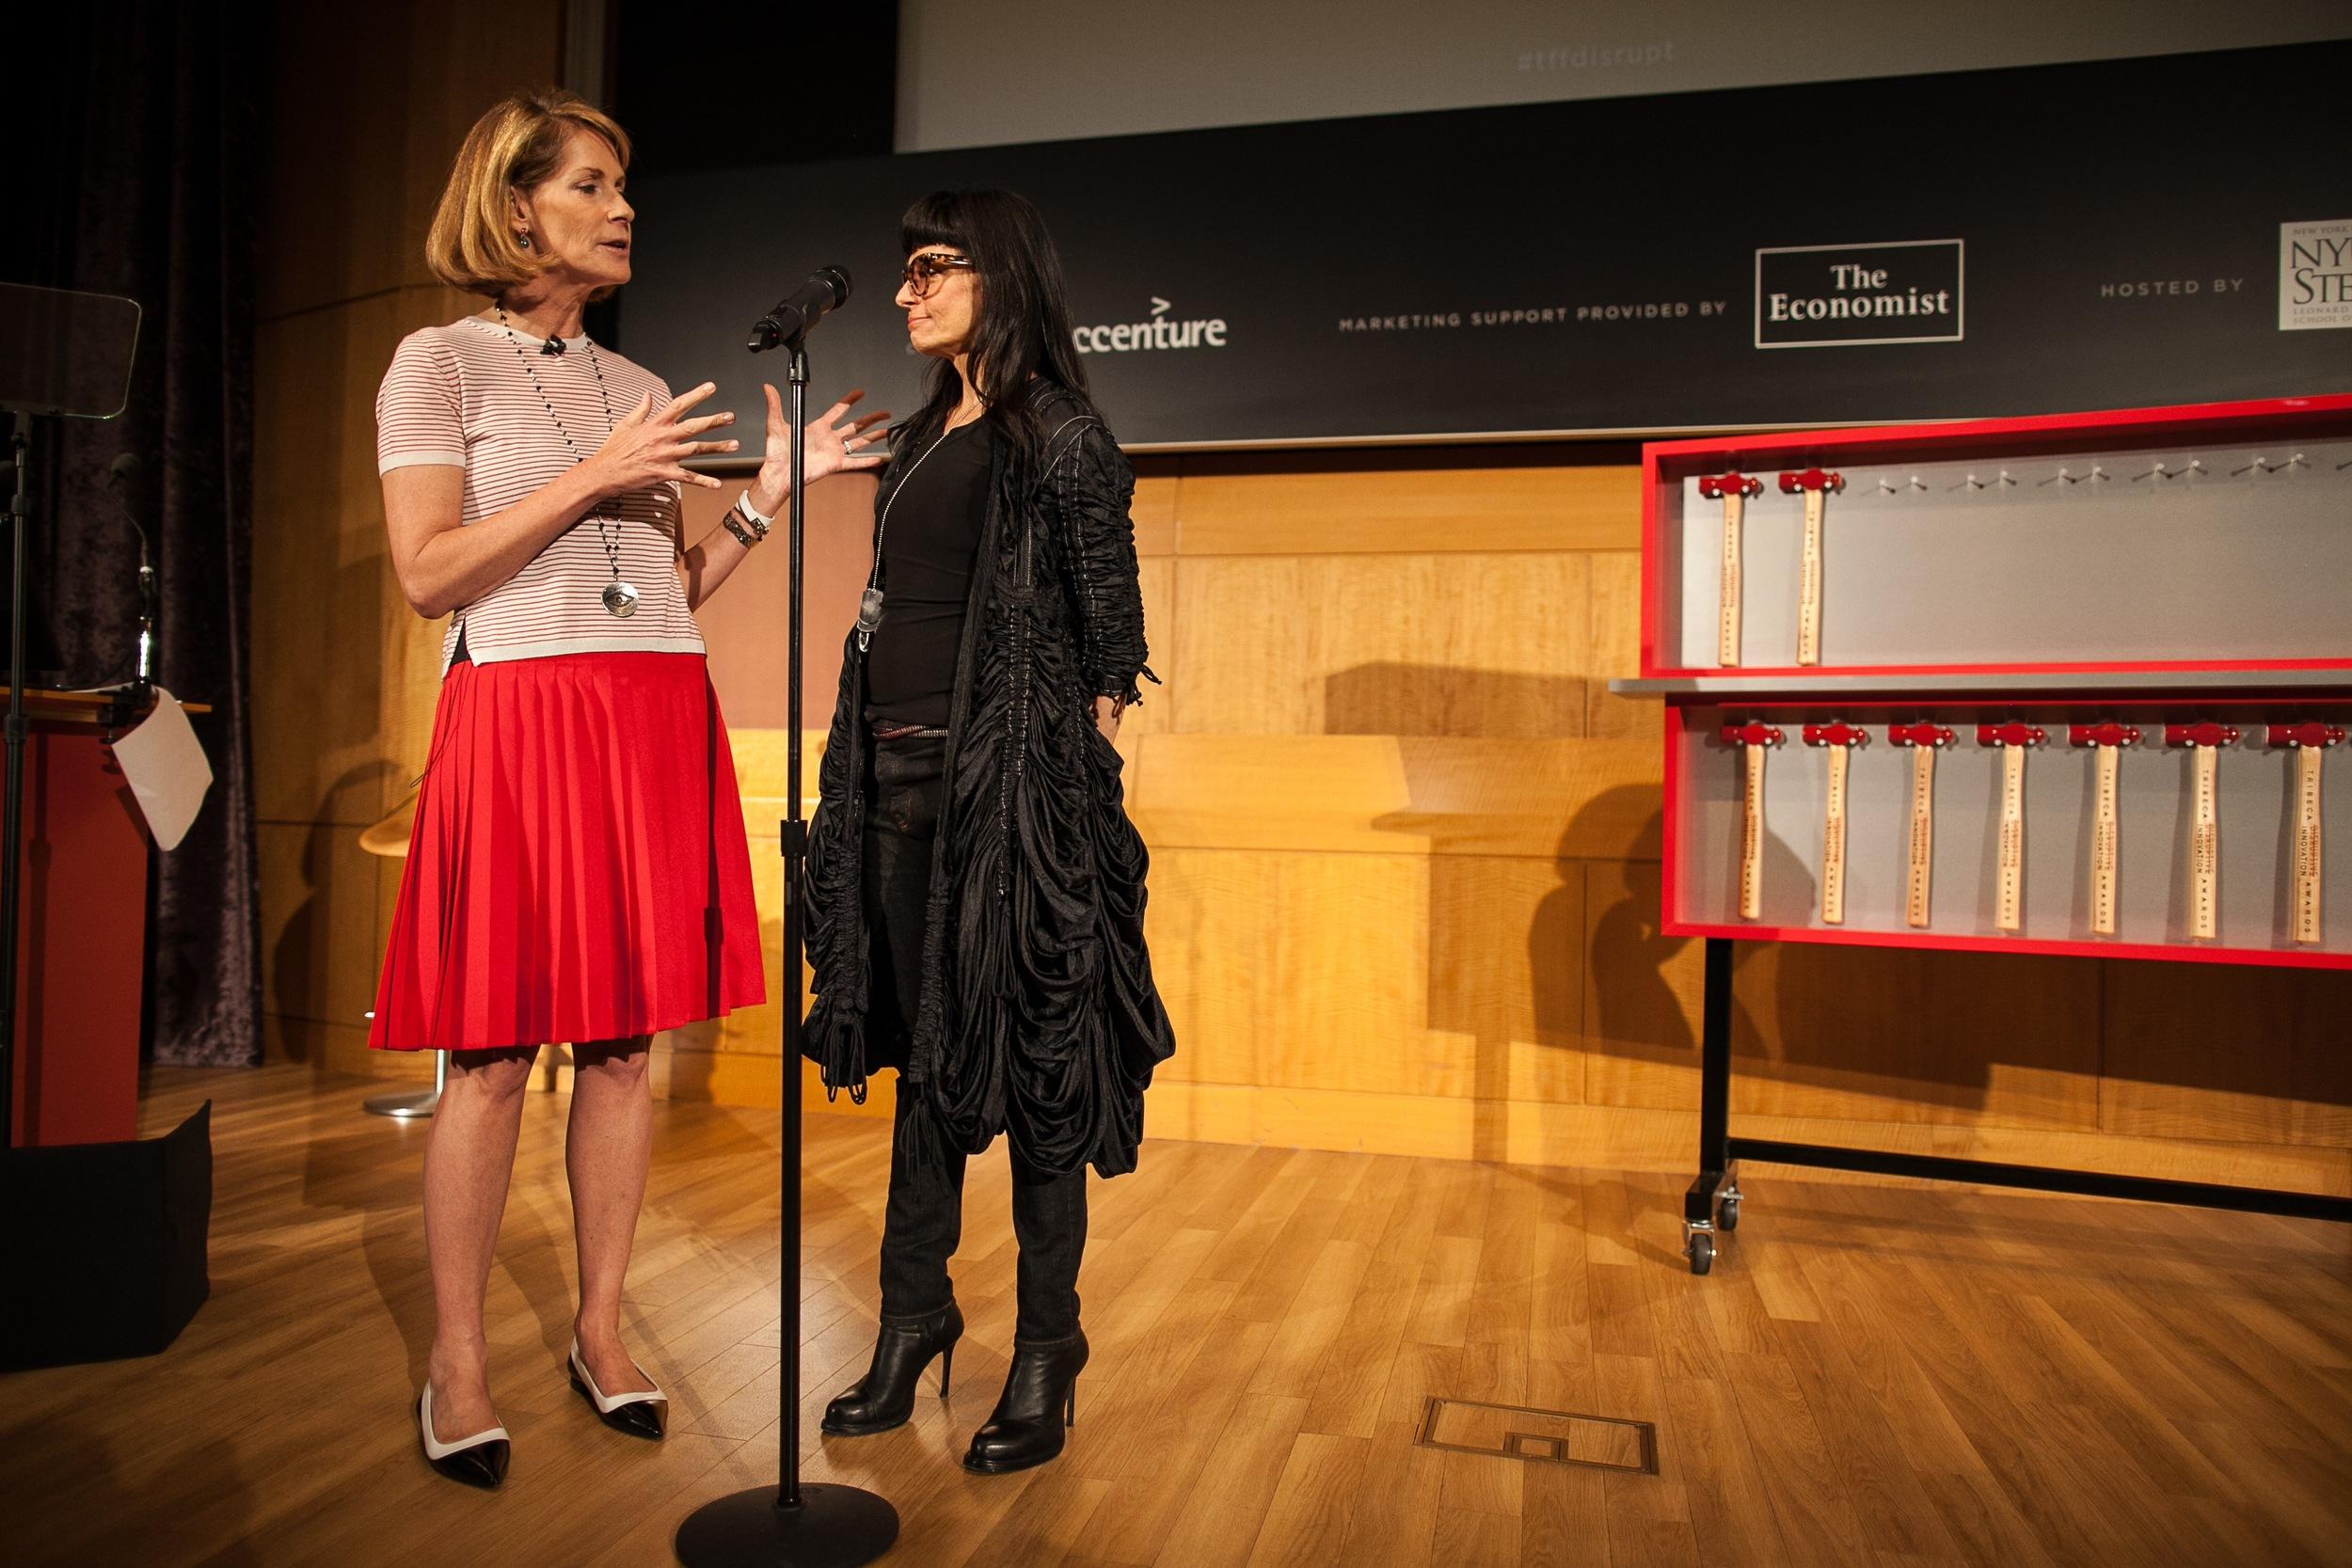 Tribeca Disruptive Innovation Awards 2013 - 106.jpg